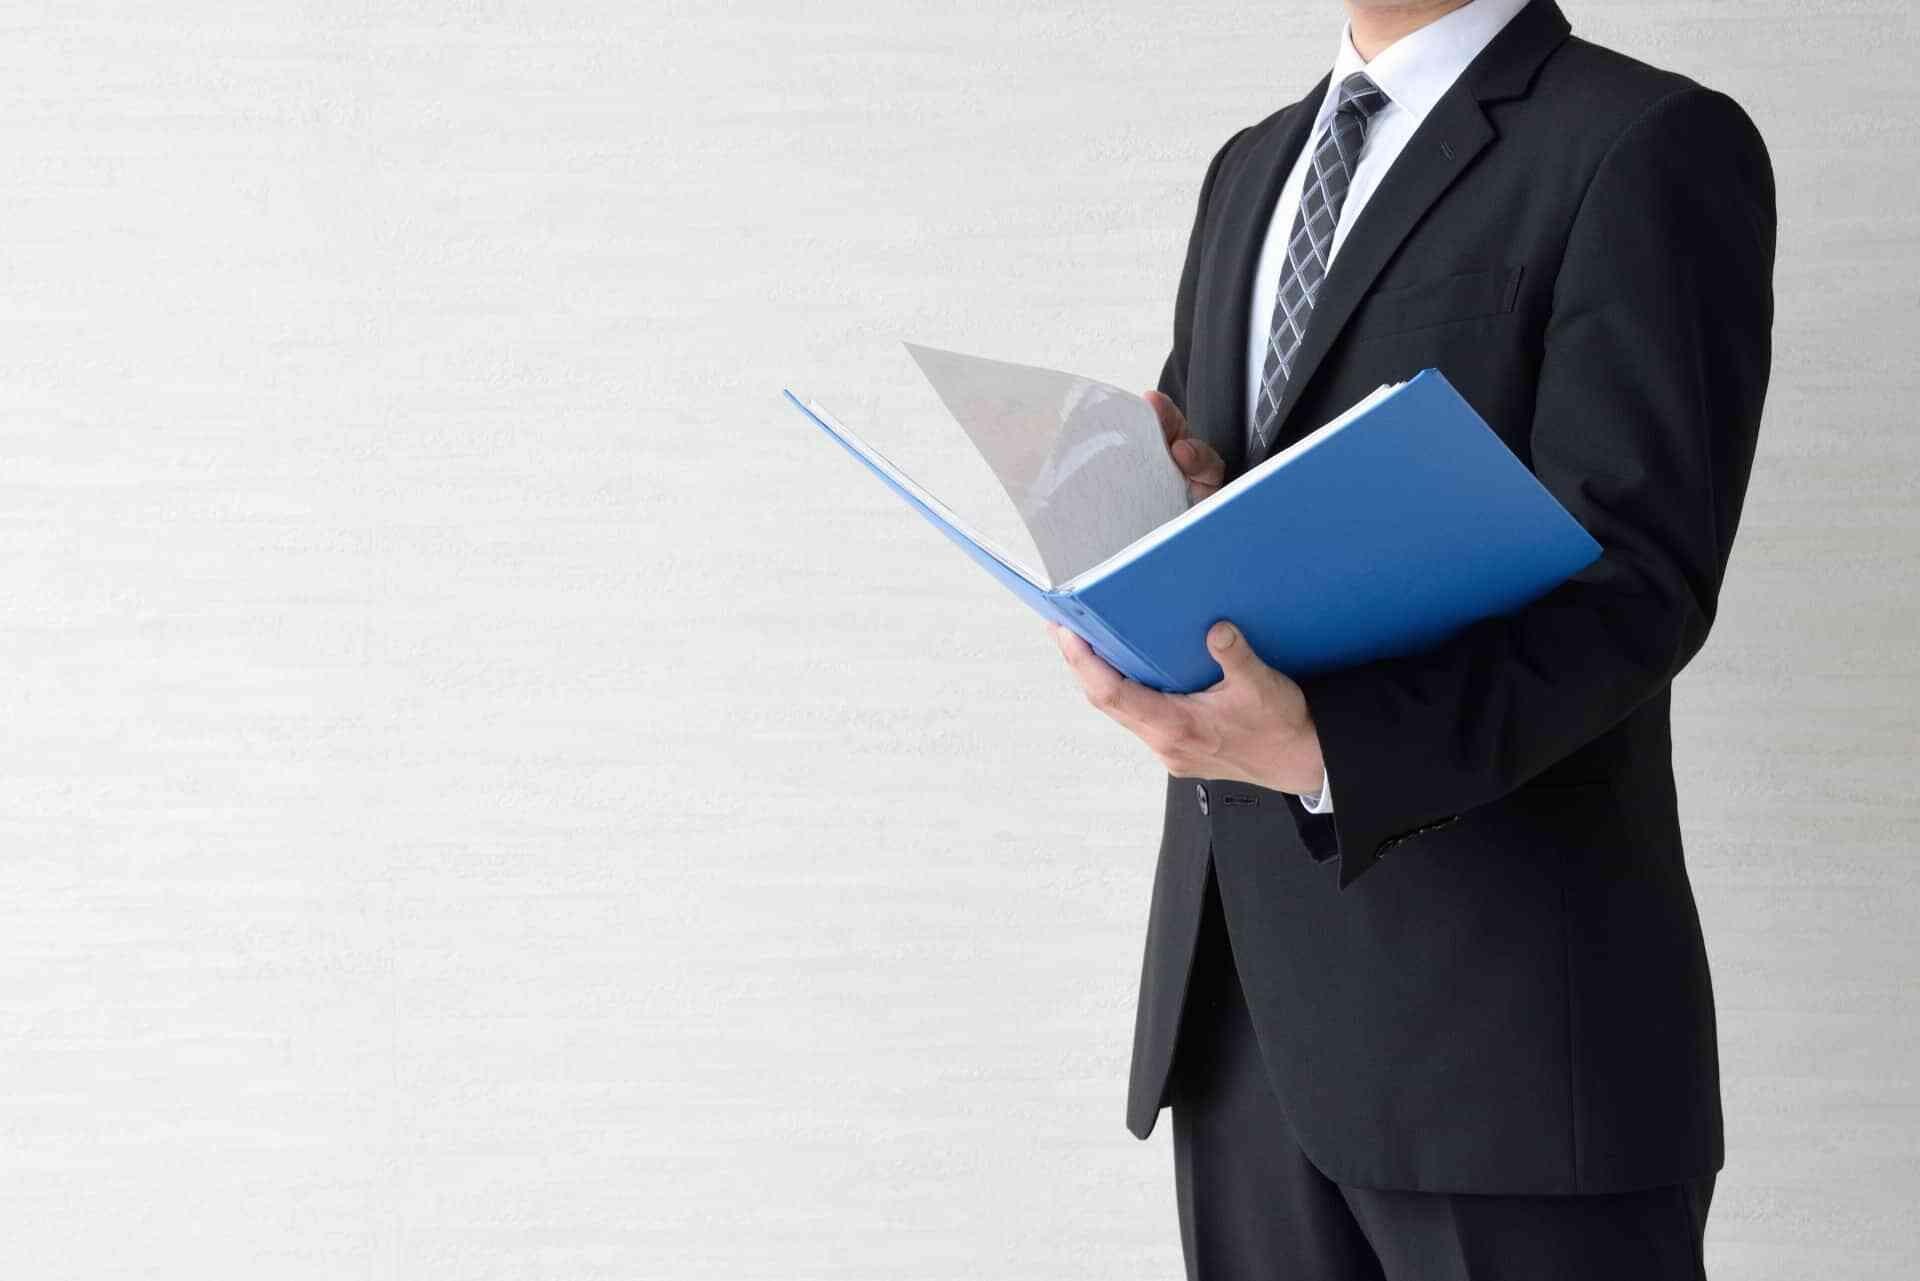 SPIの性格検査とは-目的と受験方法も紹介-